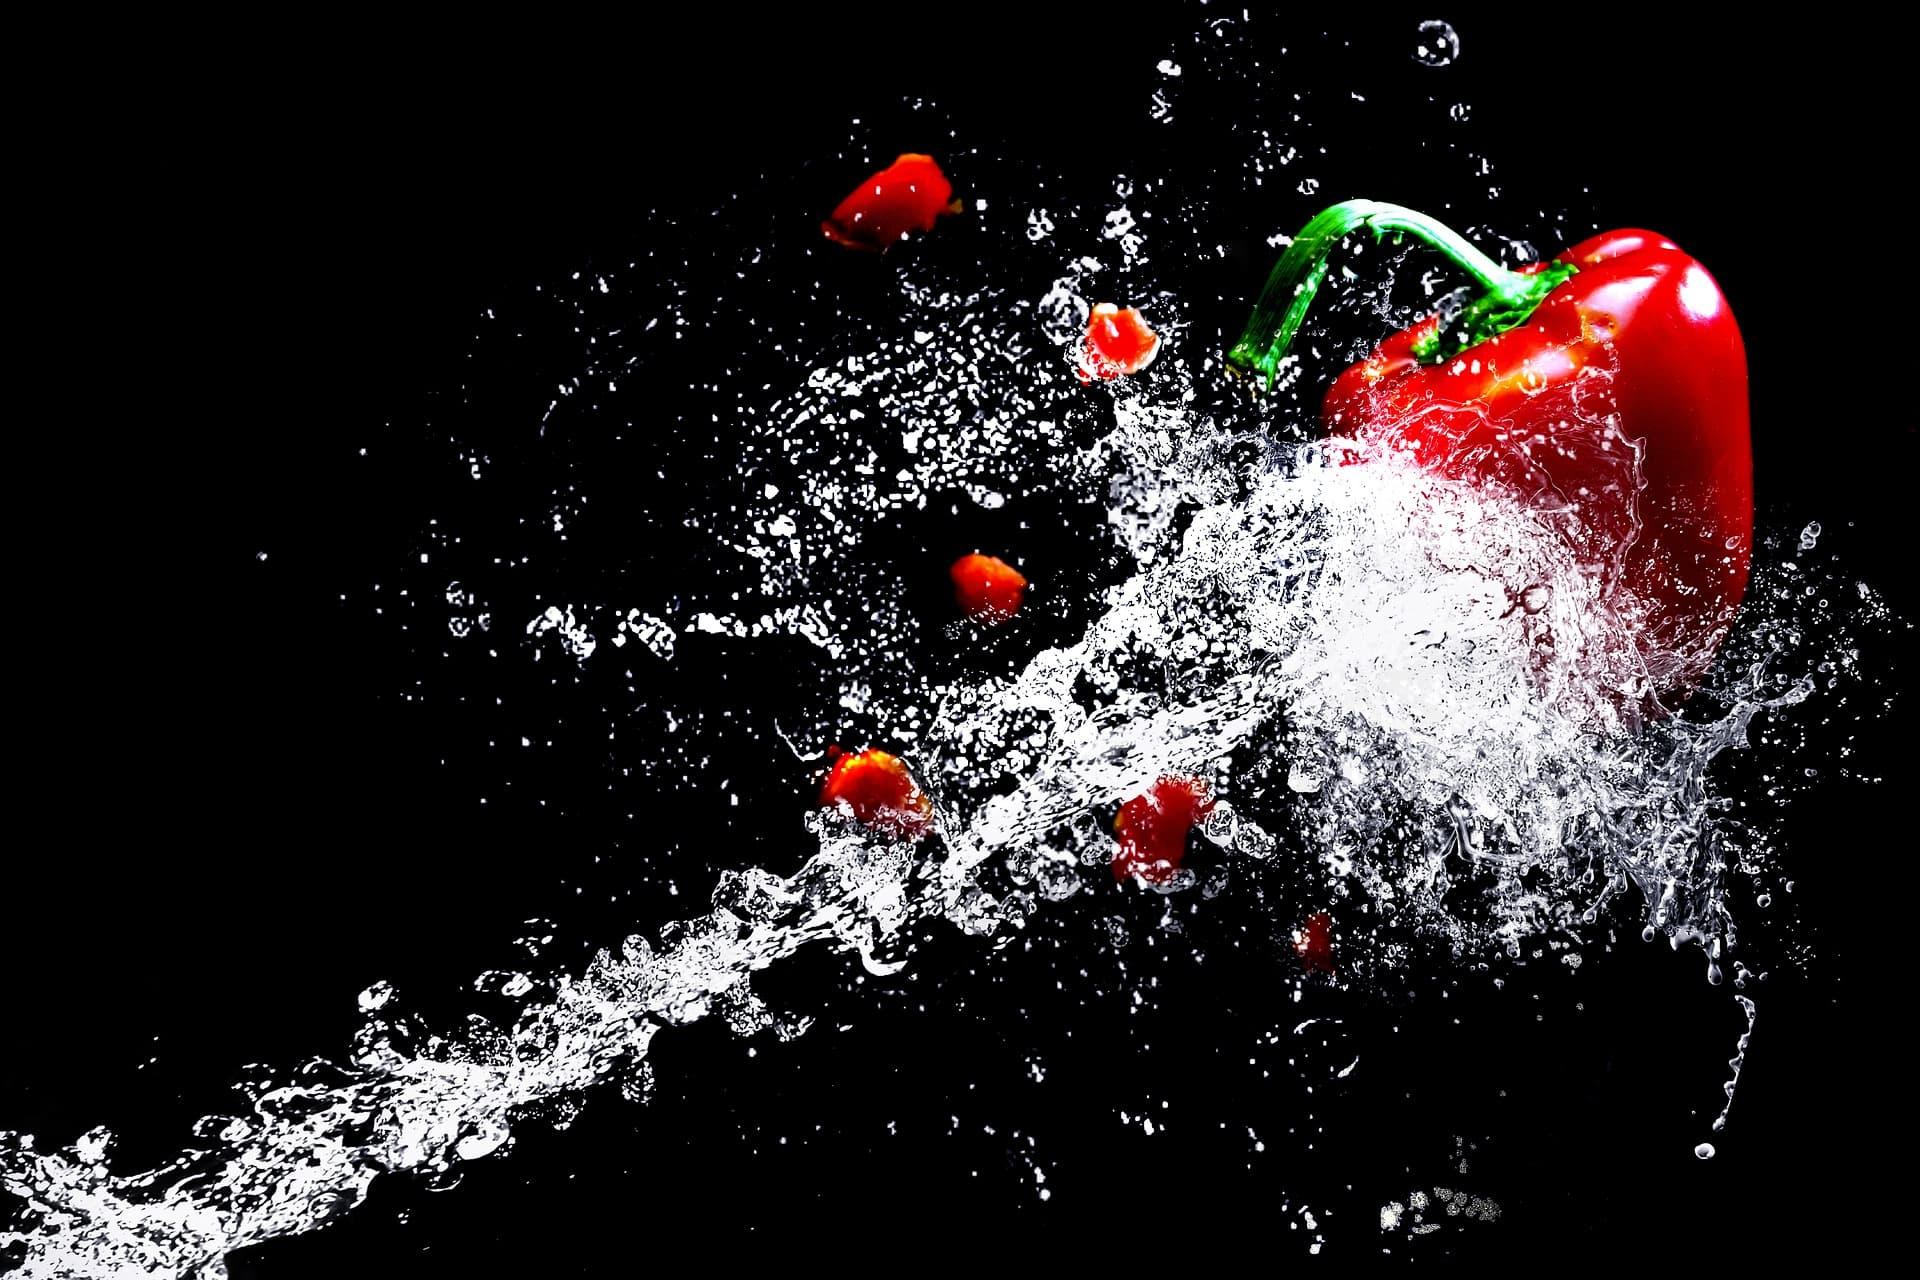 eine Hochgeschwindigkeitsaufnahme; ein Wasserstrahl spritzt auf eine rote Paprika